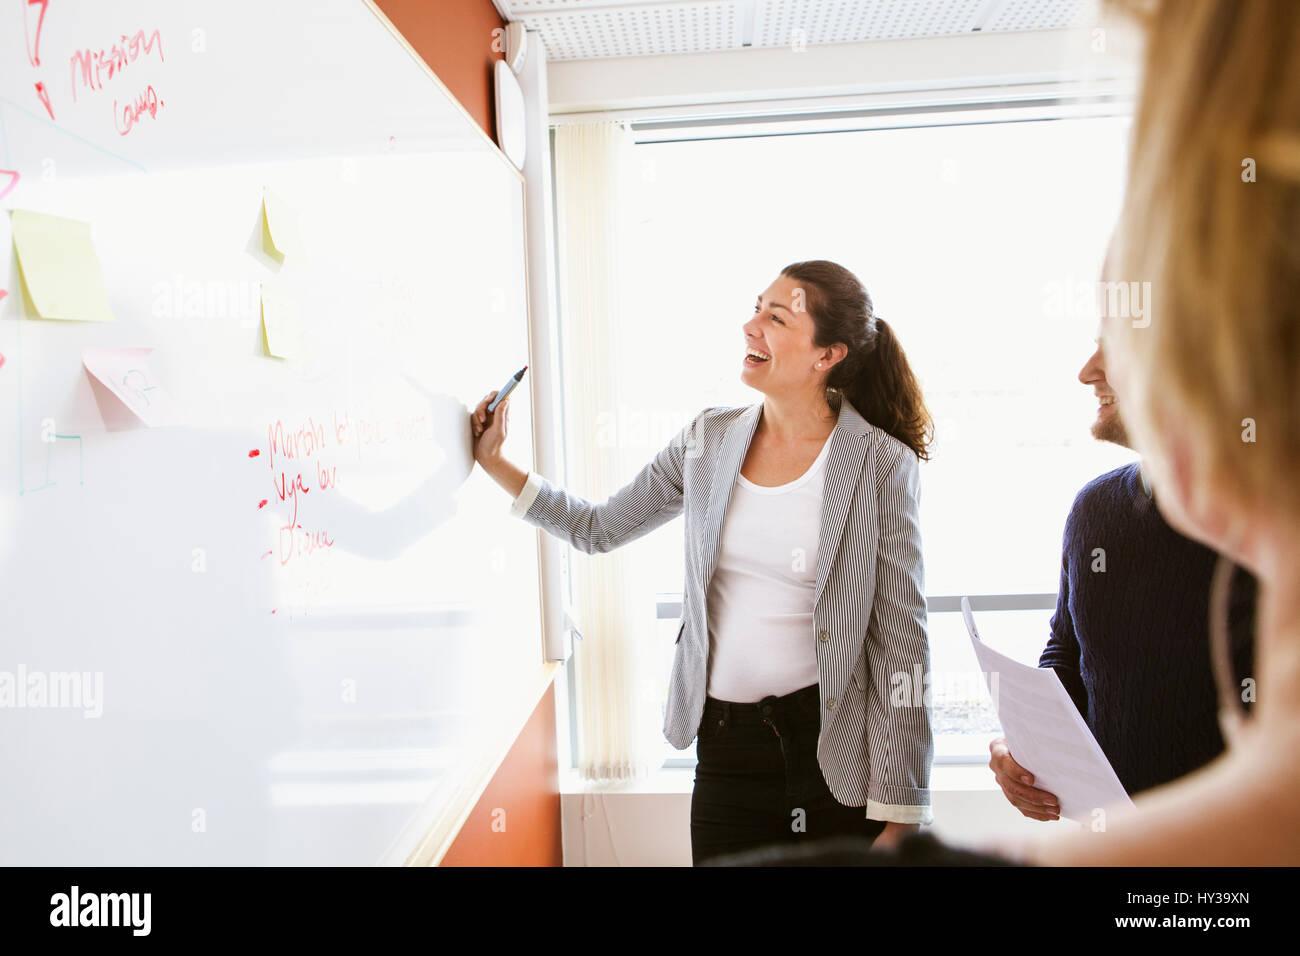 Suecia, empresaria en el Consejo Permanente y riendo durante la reunión de negocios Imagen De Stock